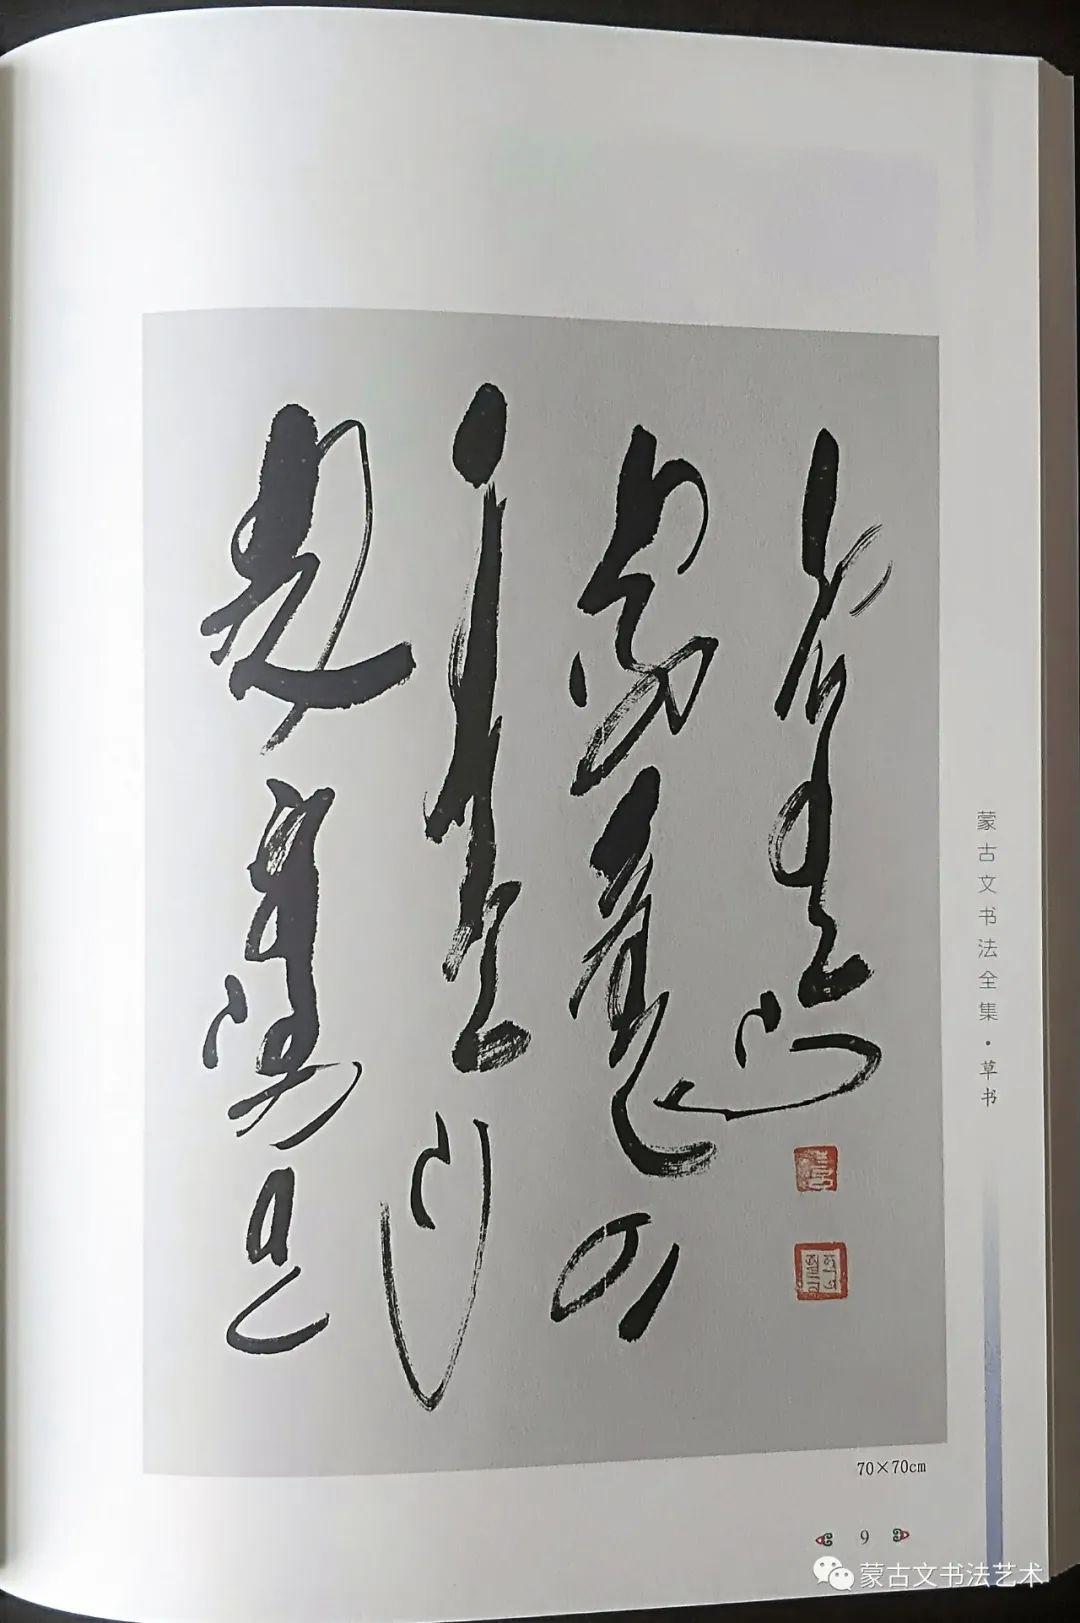 蒙古文书法全集 第19张 蒙古文书法全集 蒙古书法